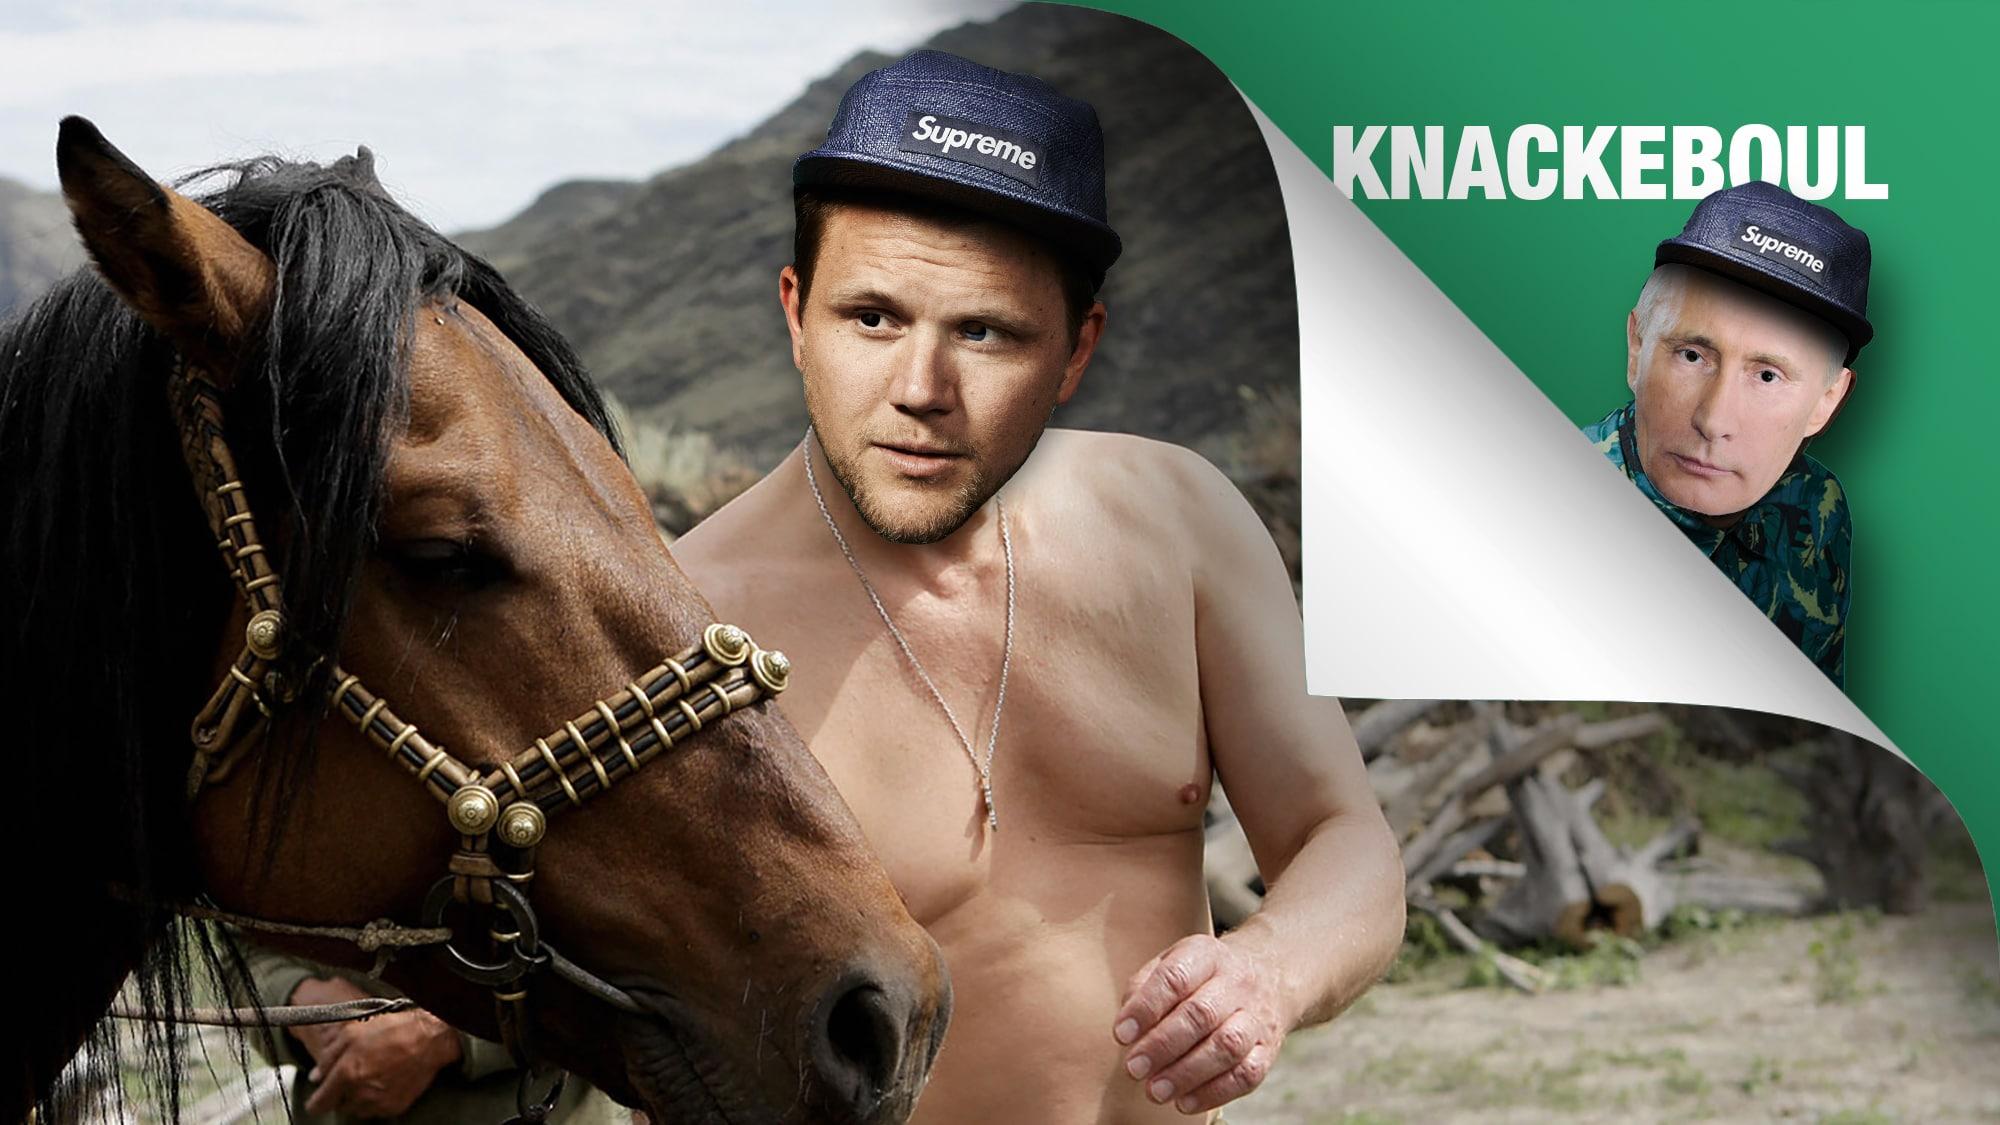 Nackt auf Bären reiten ist kein Vertrauen schaffender Regierungsstil, findet Knackeboul.